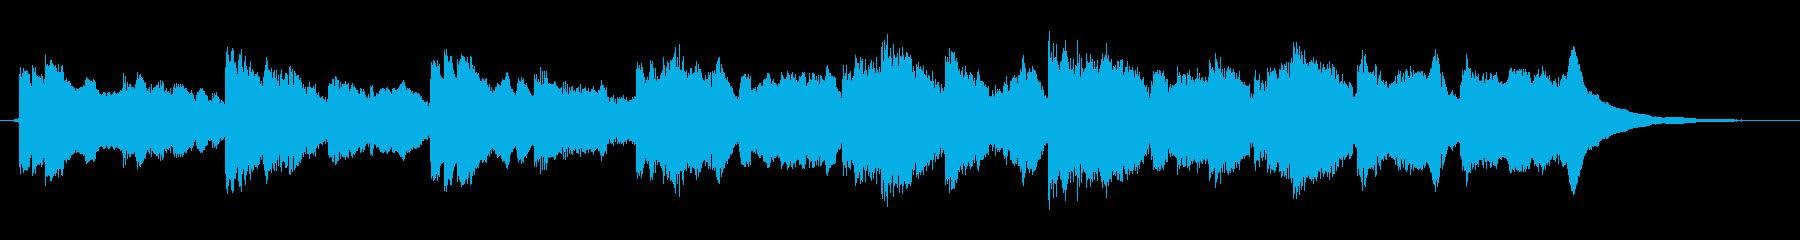 現代の交響曲 あたたかい 幸せ ロ...の再生済みの波形